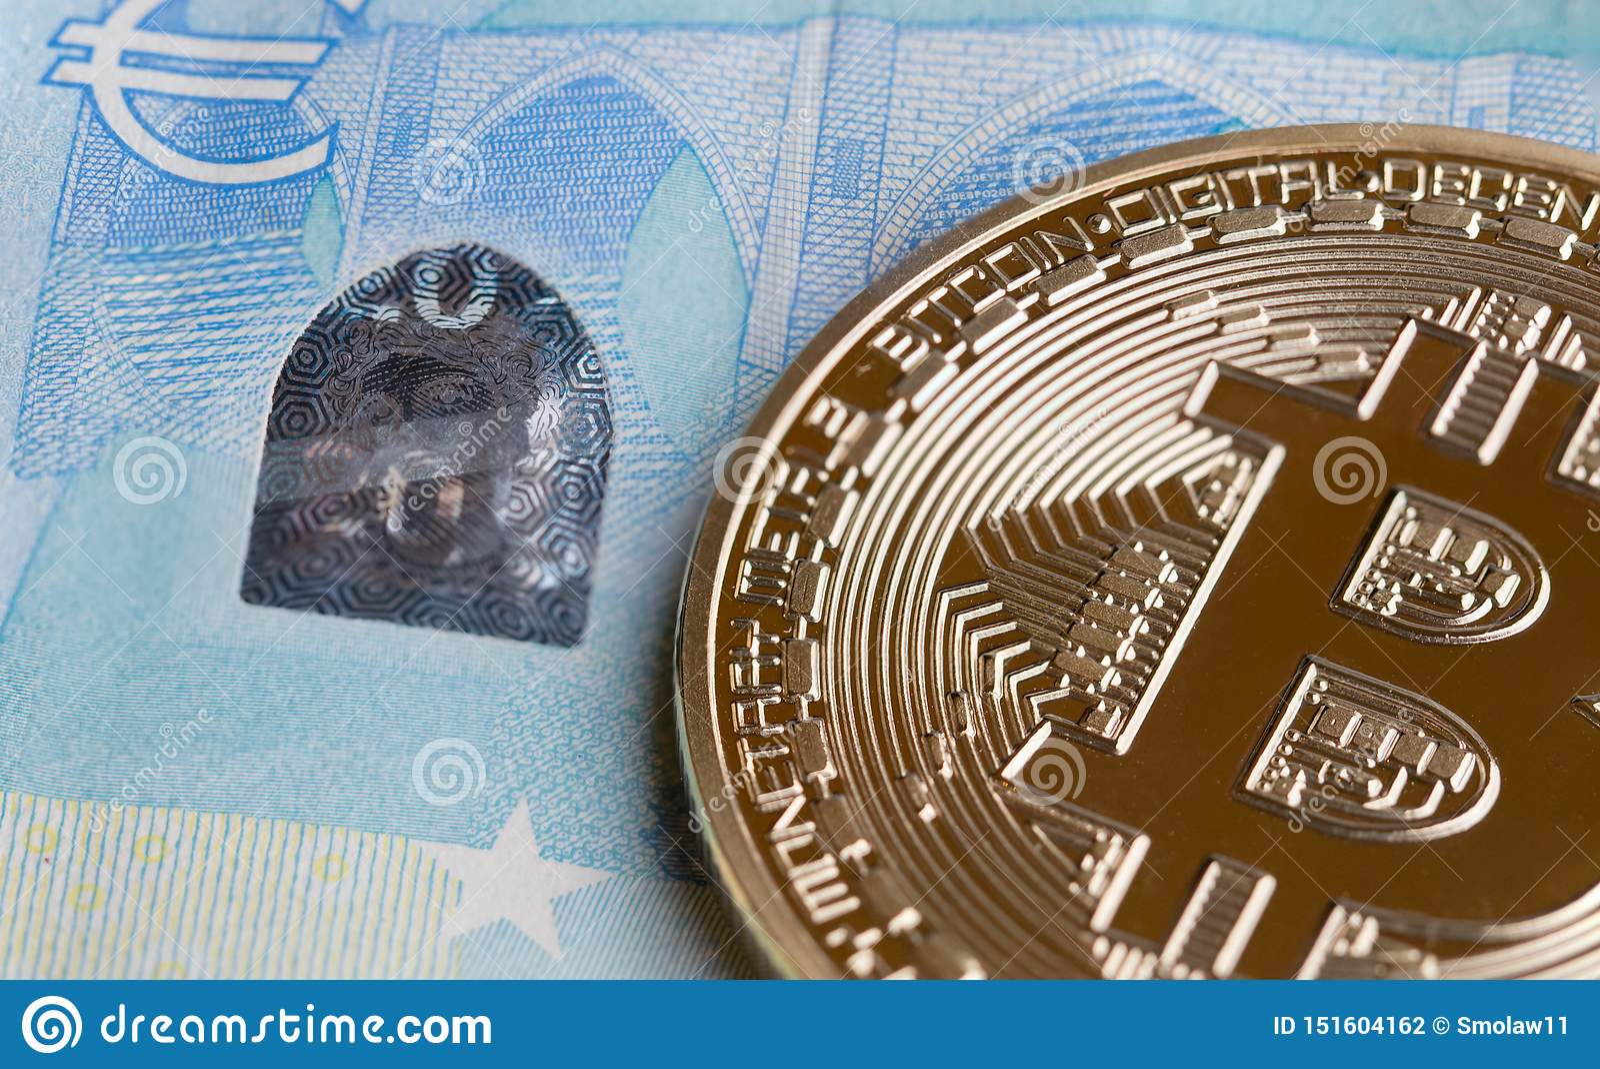 bitcoin-händler lustig können sie krypto genauso handeln wie forex?